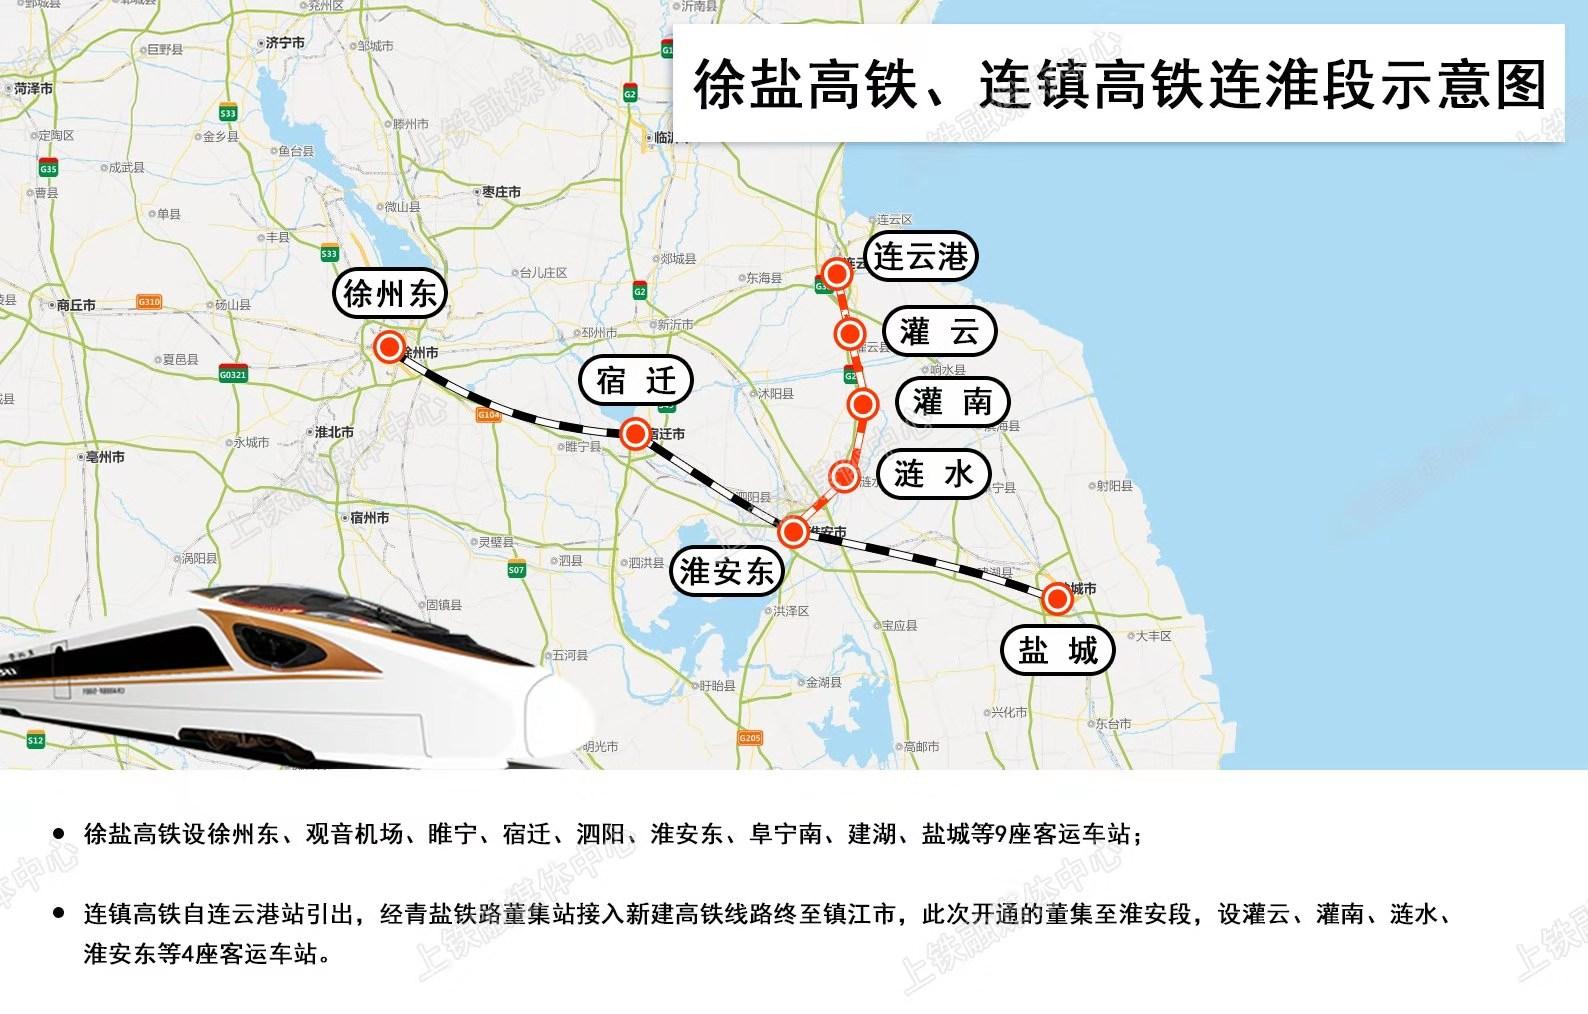 今起售票 徐盐高铁16日开通 苏北苏中地区接入全国高铁网